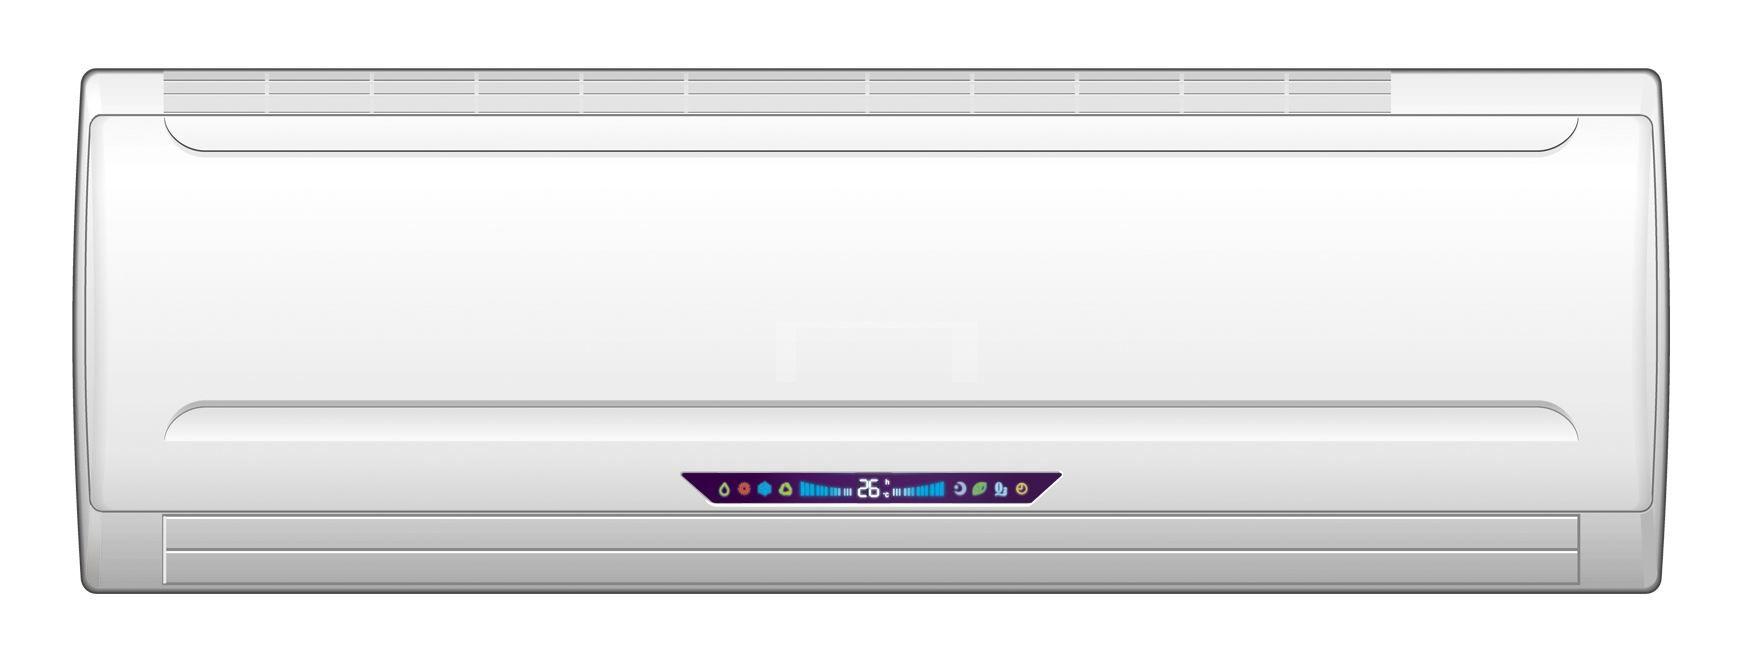 Is Daikin A Good Aircon Brand In Singapore Air Conditioner Brands Air Conditioner Central Air Conditioners